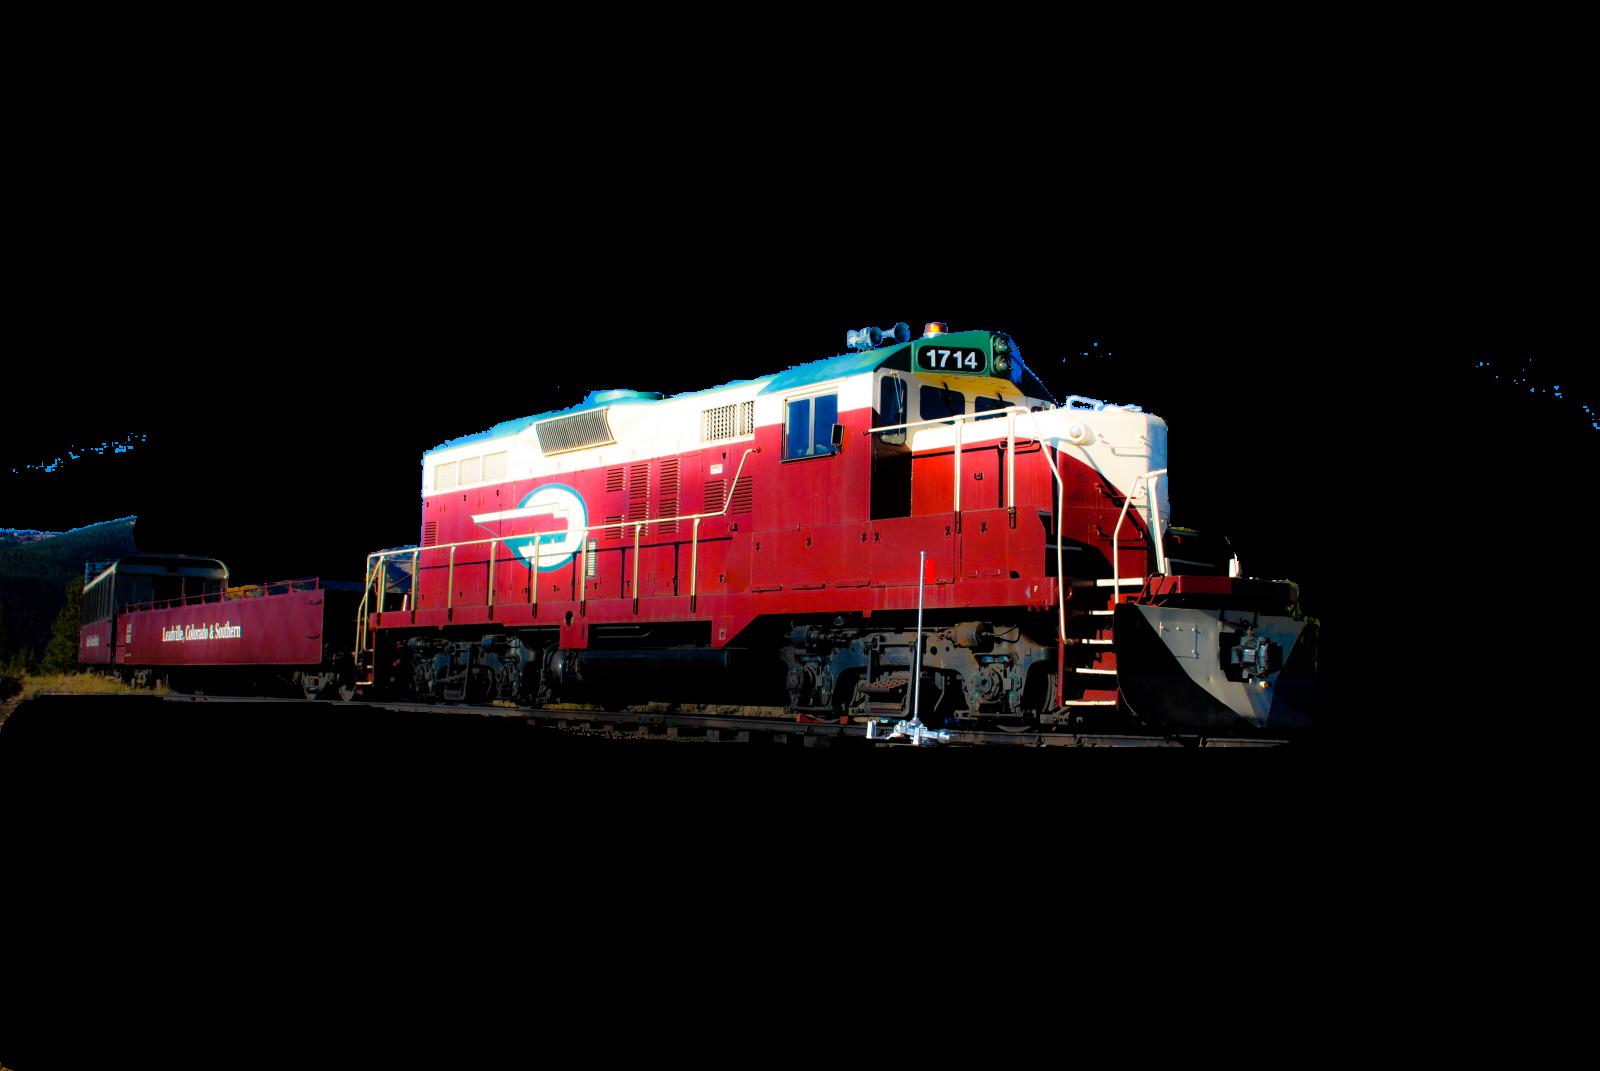 Leadville, Colorado & Southern Railroad: Scenic Train Rides